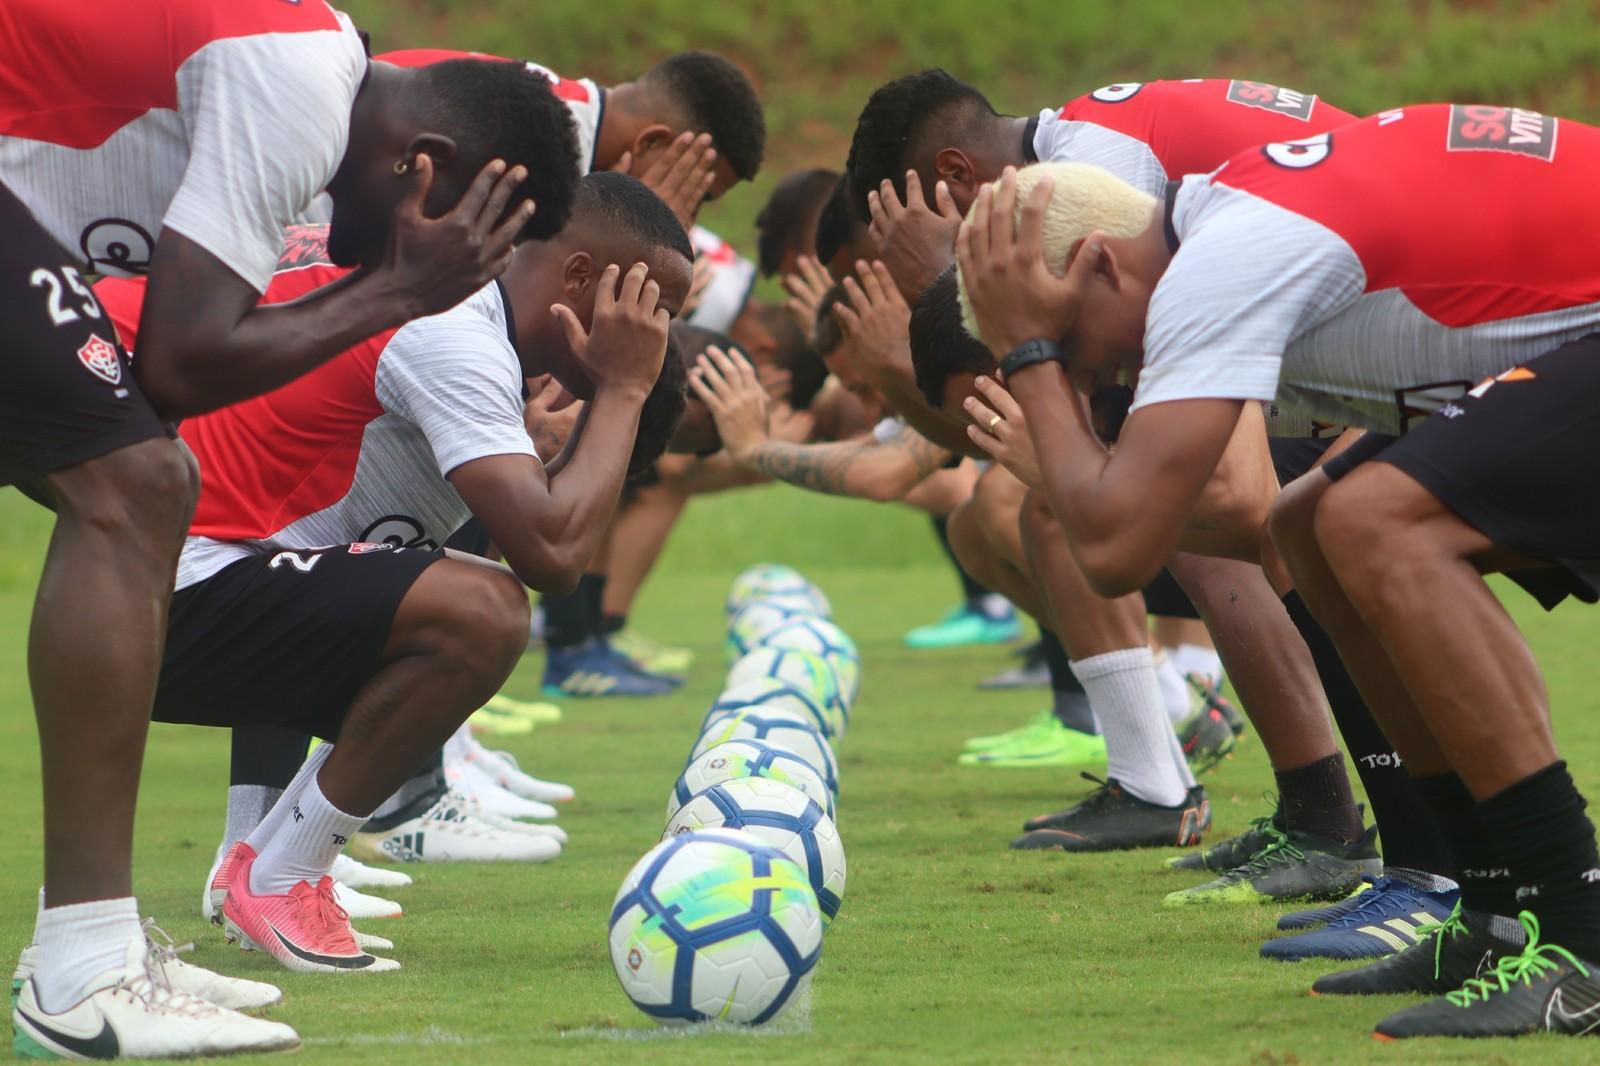 Vitória enfrenta o Corinthians focado em se distanciar do Z-4